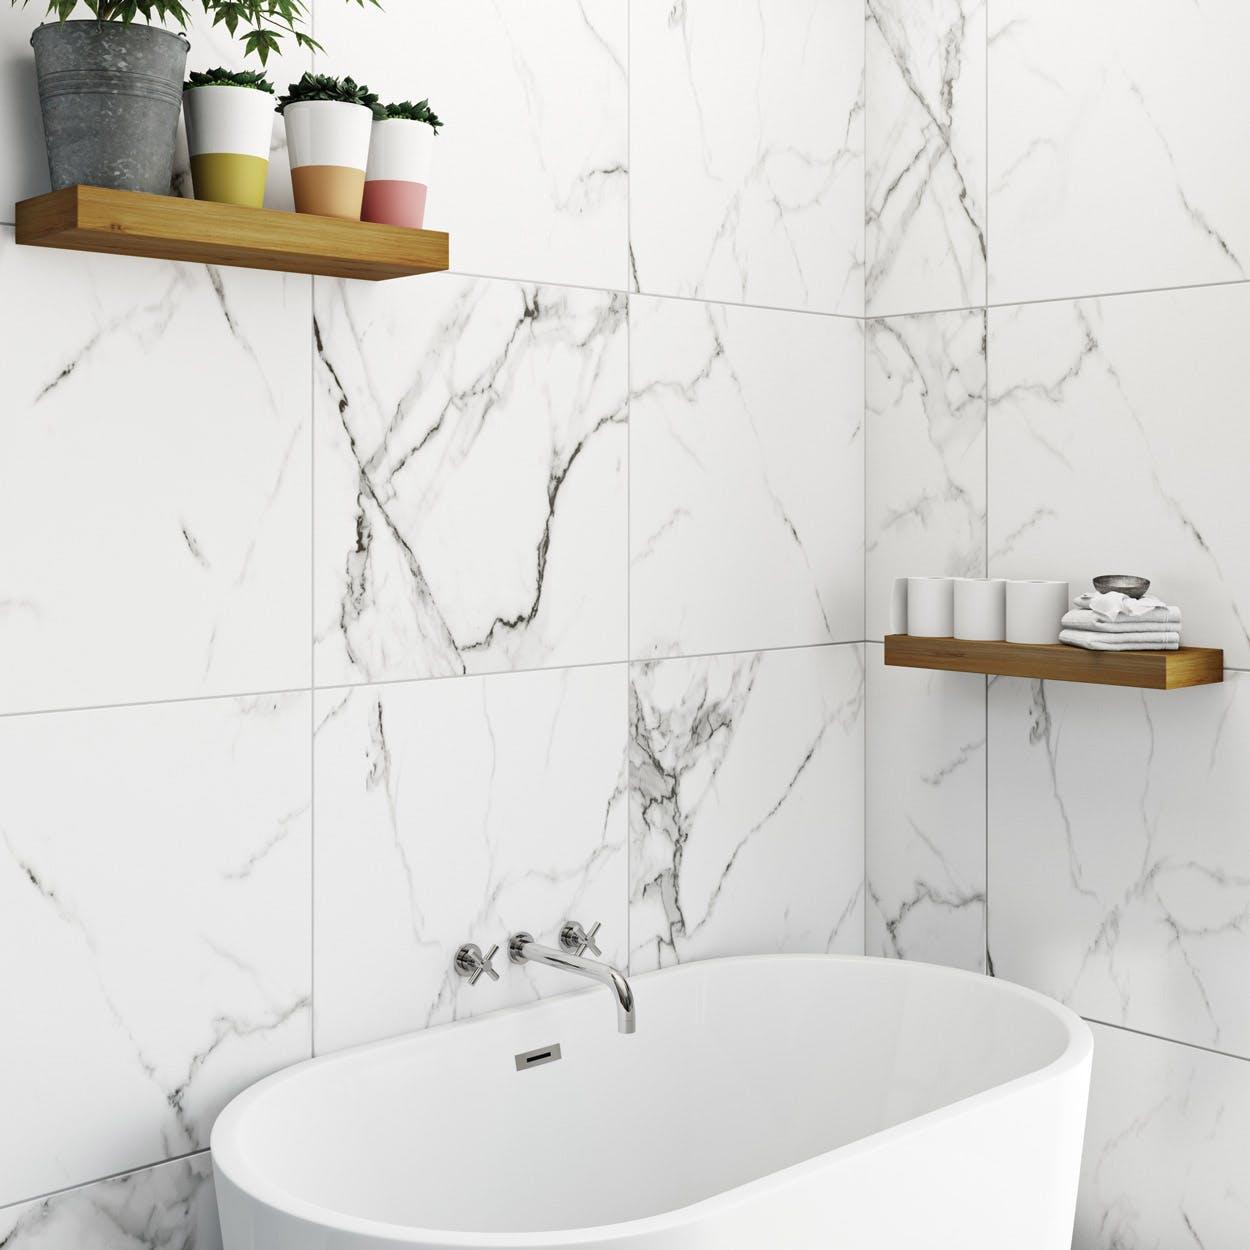 Polar White Marble Effect Matt Wall And Floor Tile 600mm X 600mm Victoriaplum Com